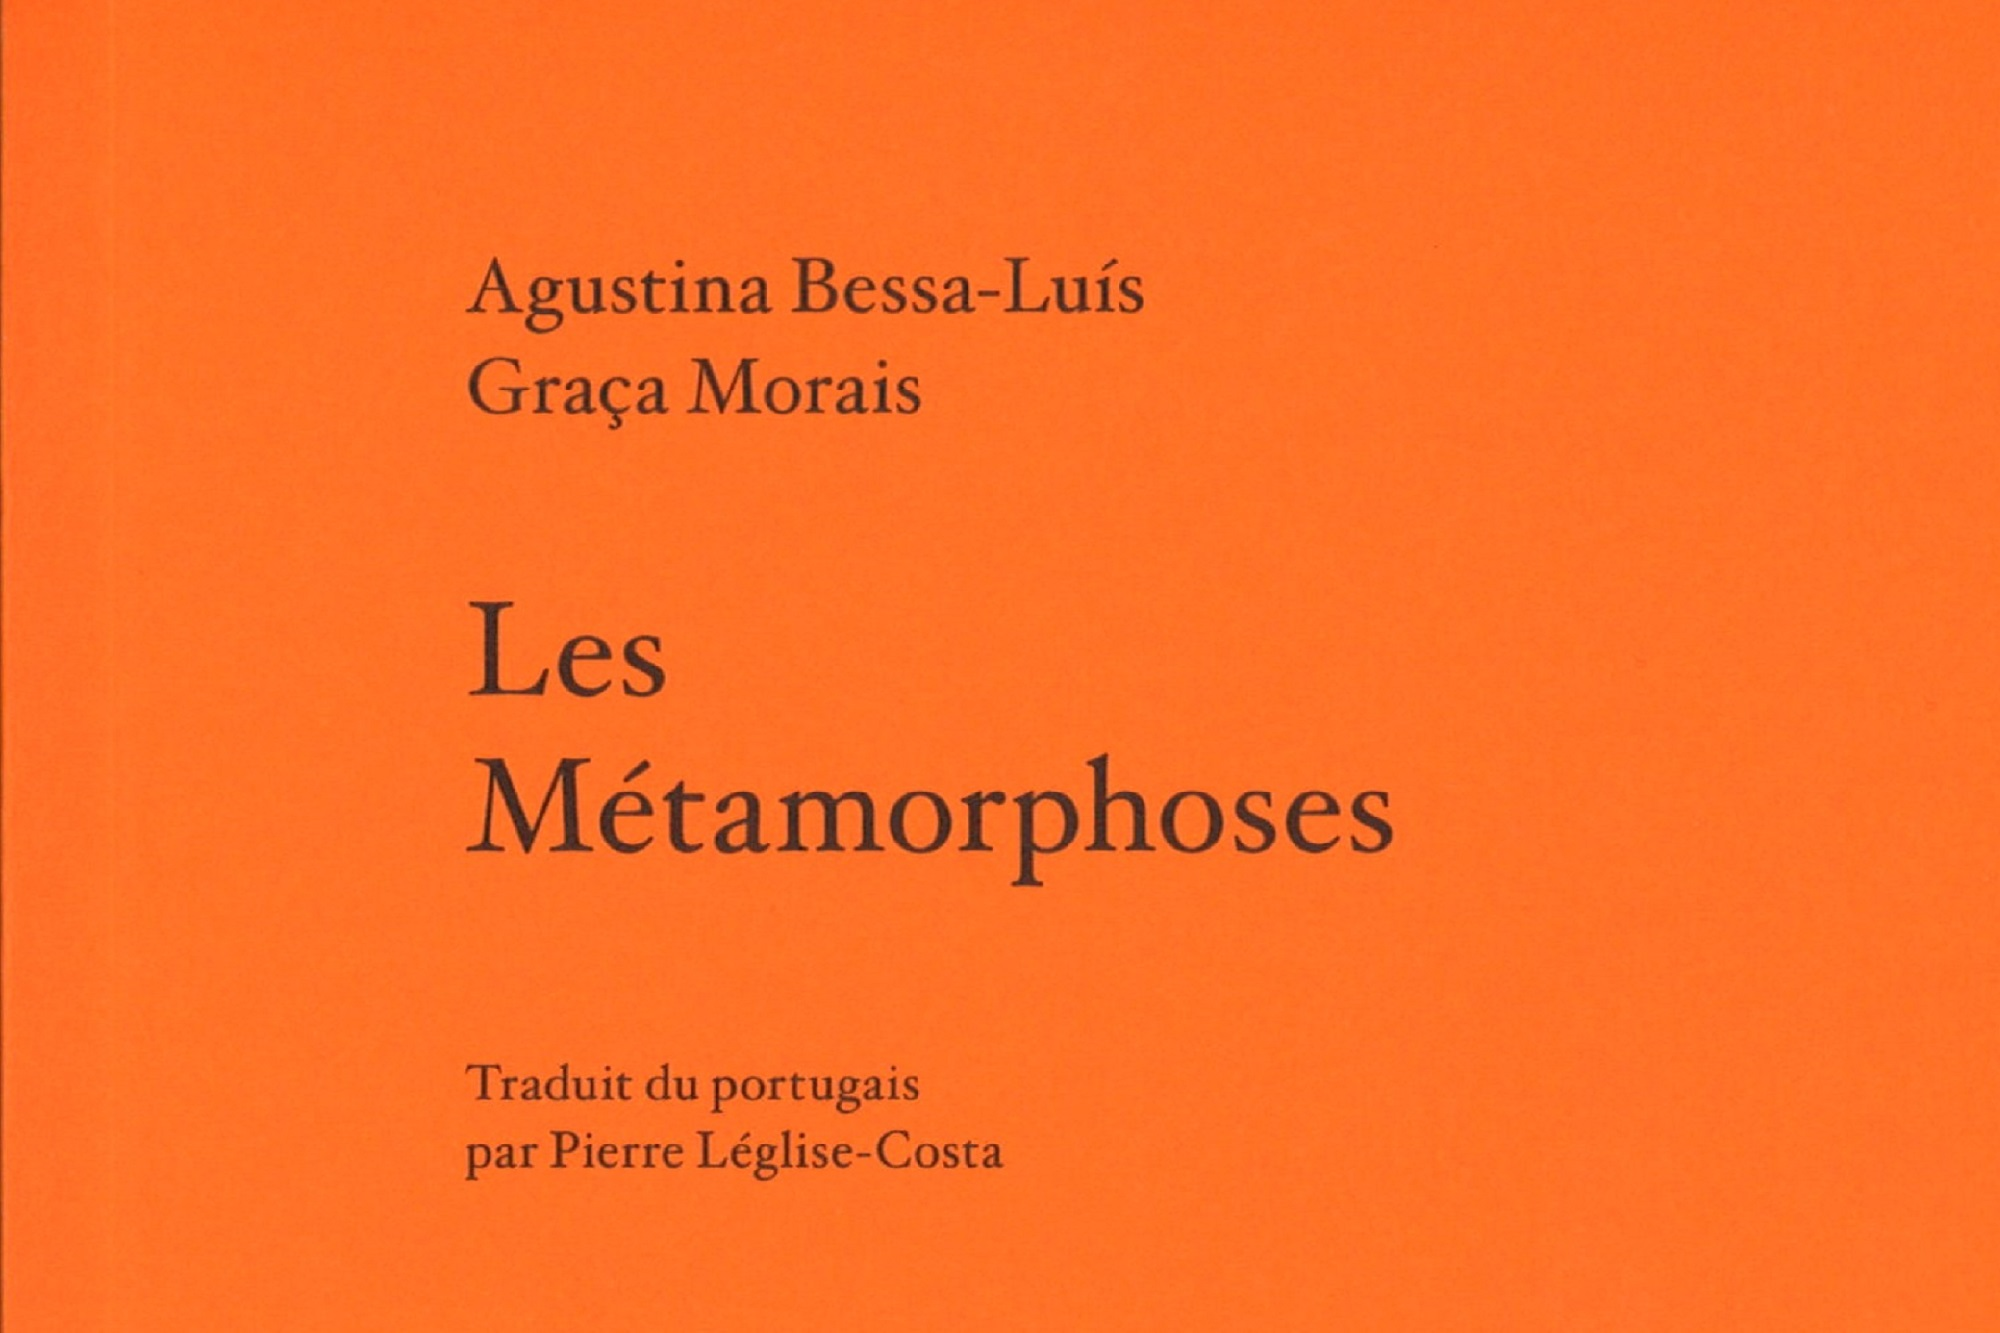 Les métamorphoes - Agustina Bessa-Luís et Graça Morais; traduit du portugais par Pierre Léglise-Costa